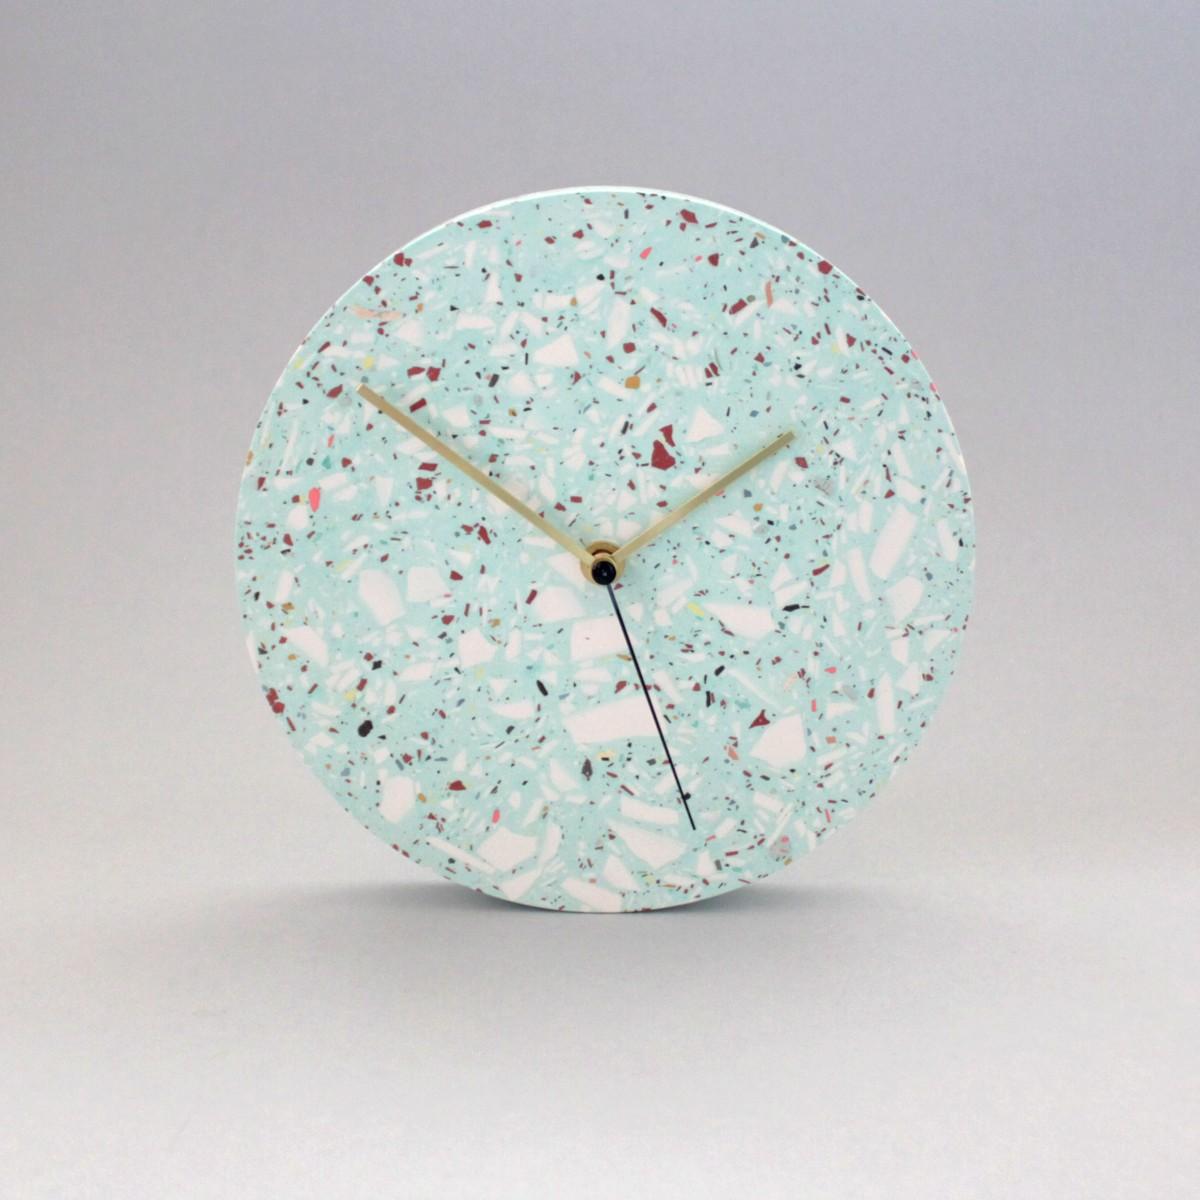 Terrazzo Wanduhr mit Uhrzeiger aus Messing, Türkis / objet vague